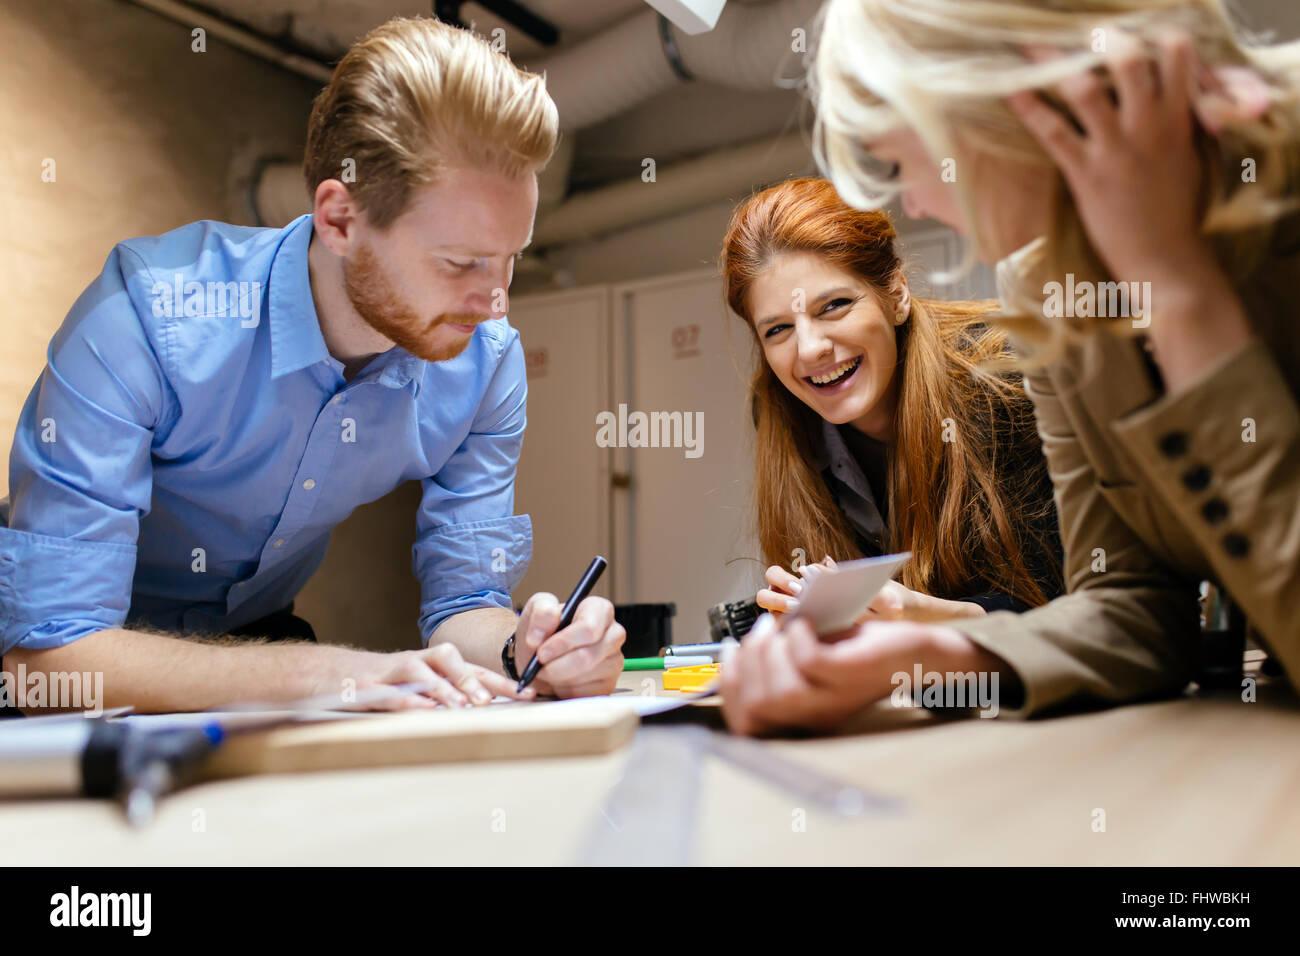 Team di lavoro sul progetto insieme e condividere idee in officina Immagini Stock